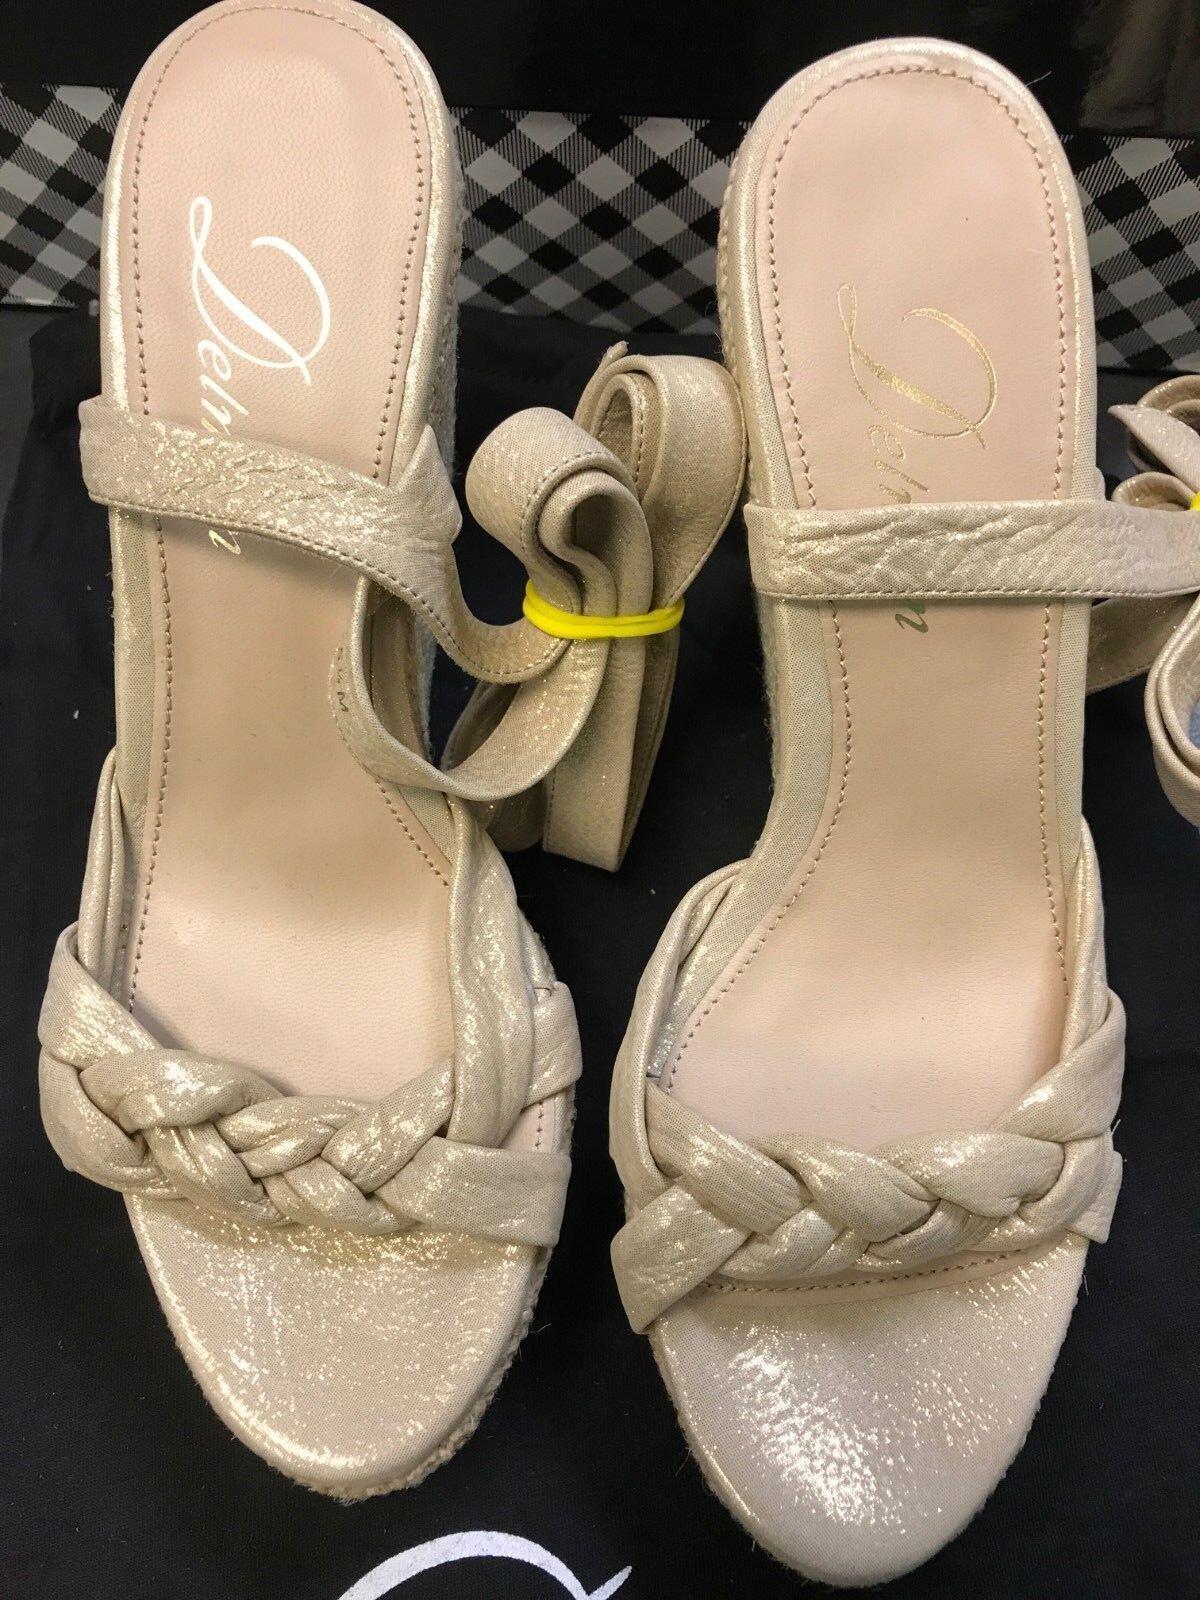 Delman Gema Wedge Beige Glisten schuhe Strappy Wrap ankle ankle ankle tie Metallic Espadrille 5990f0